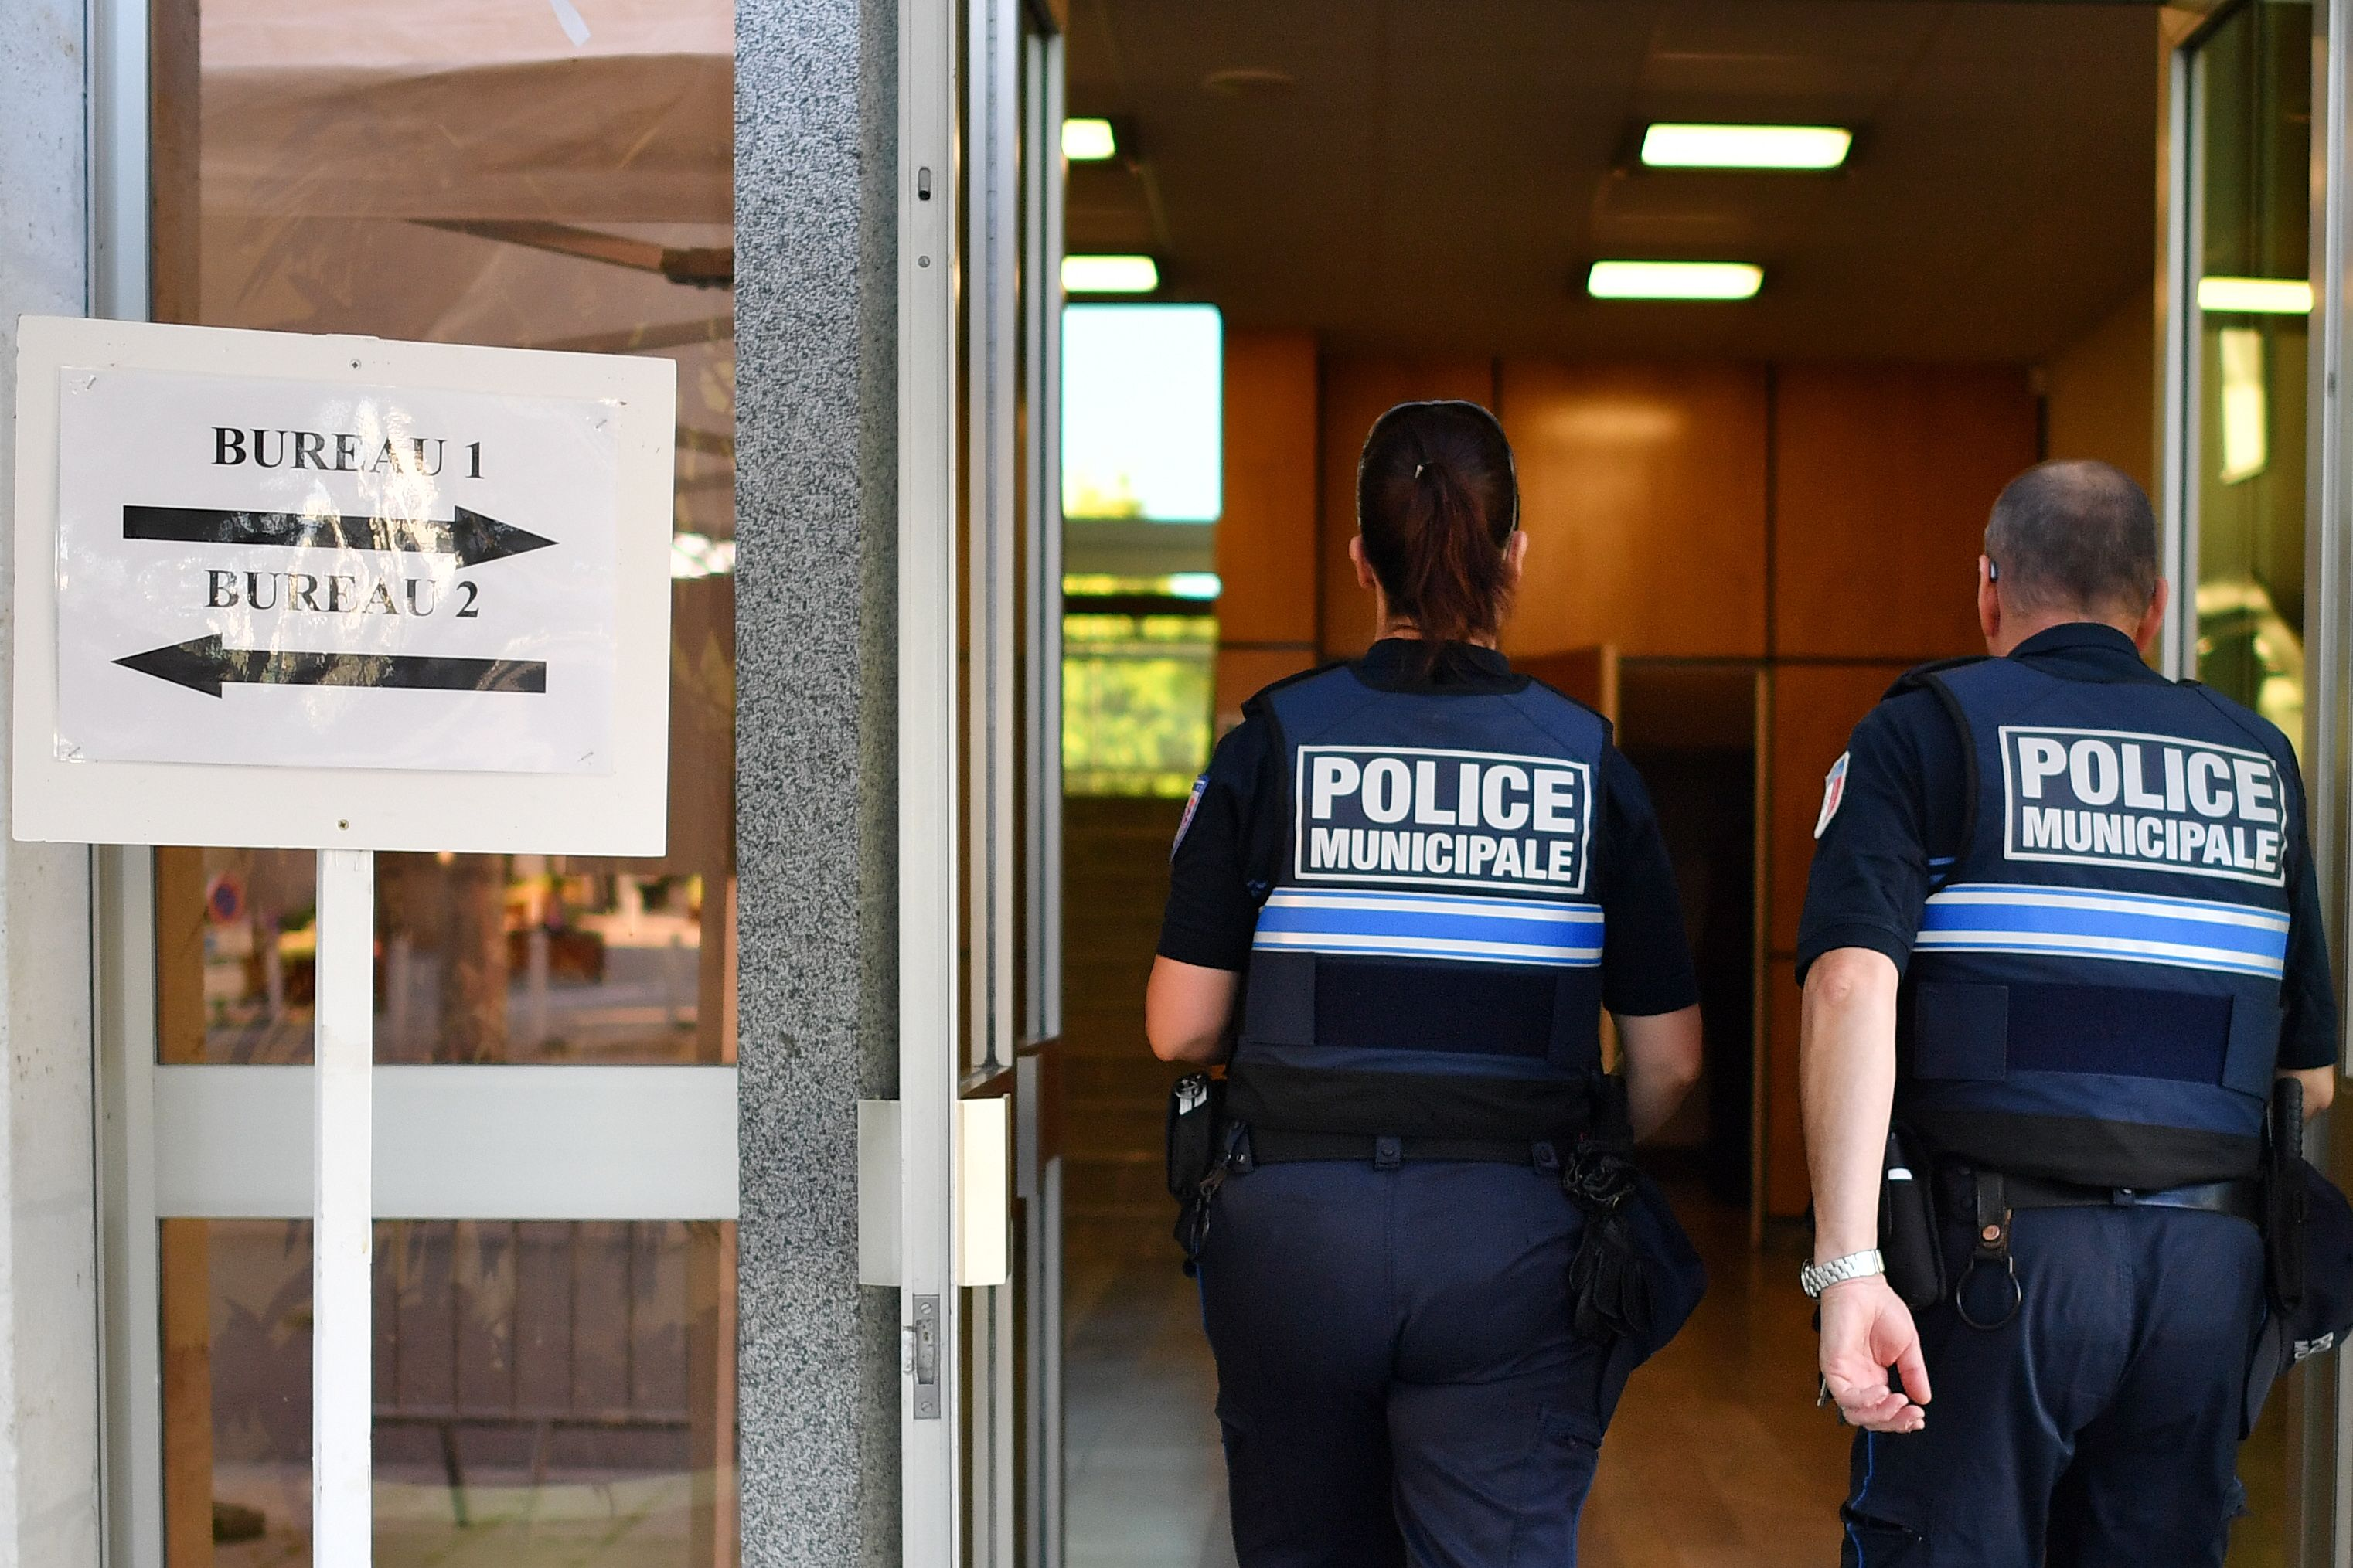 الشرطة تؤمن الانتخابات التشريعية الفرنسية